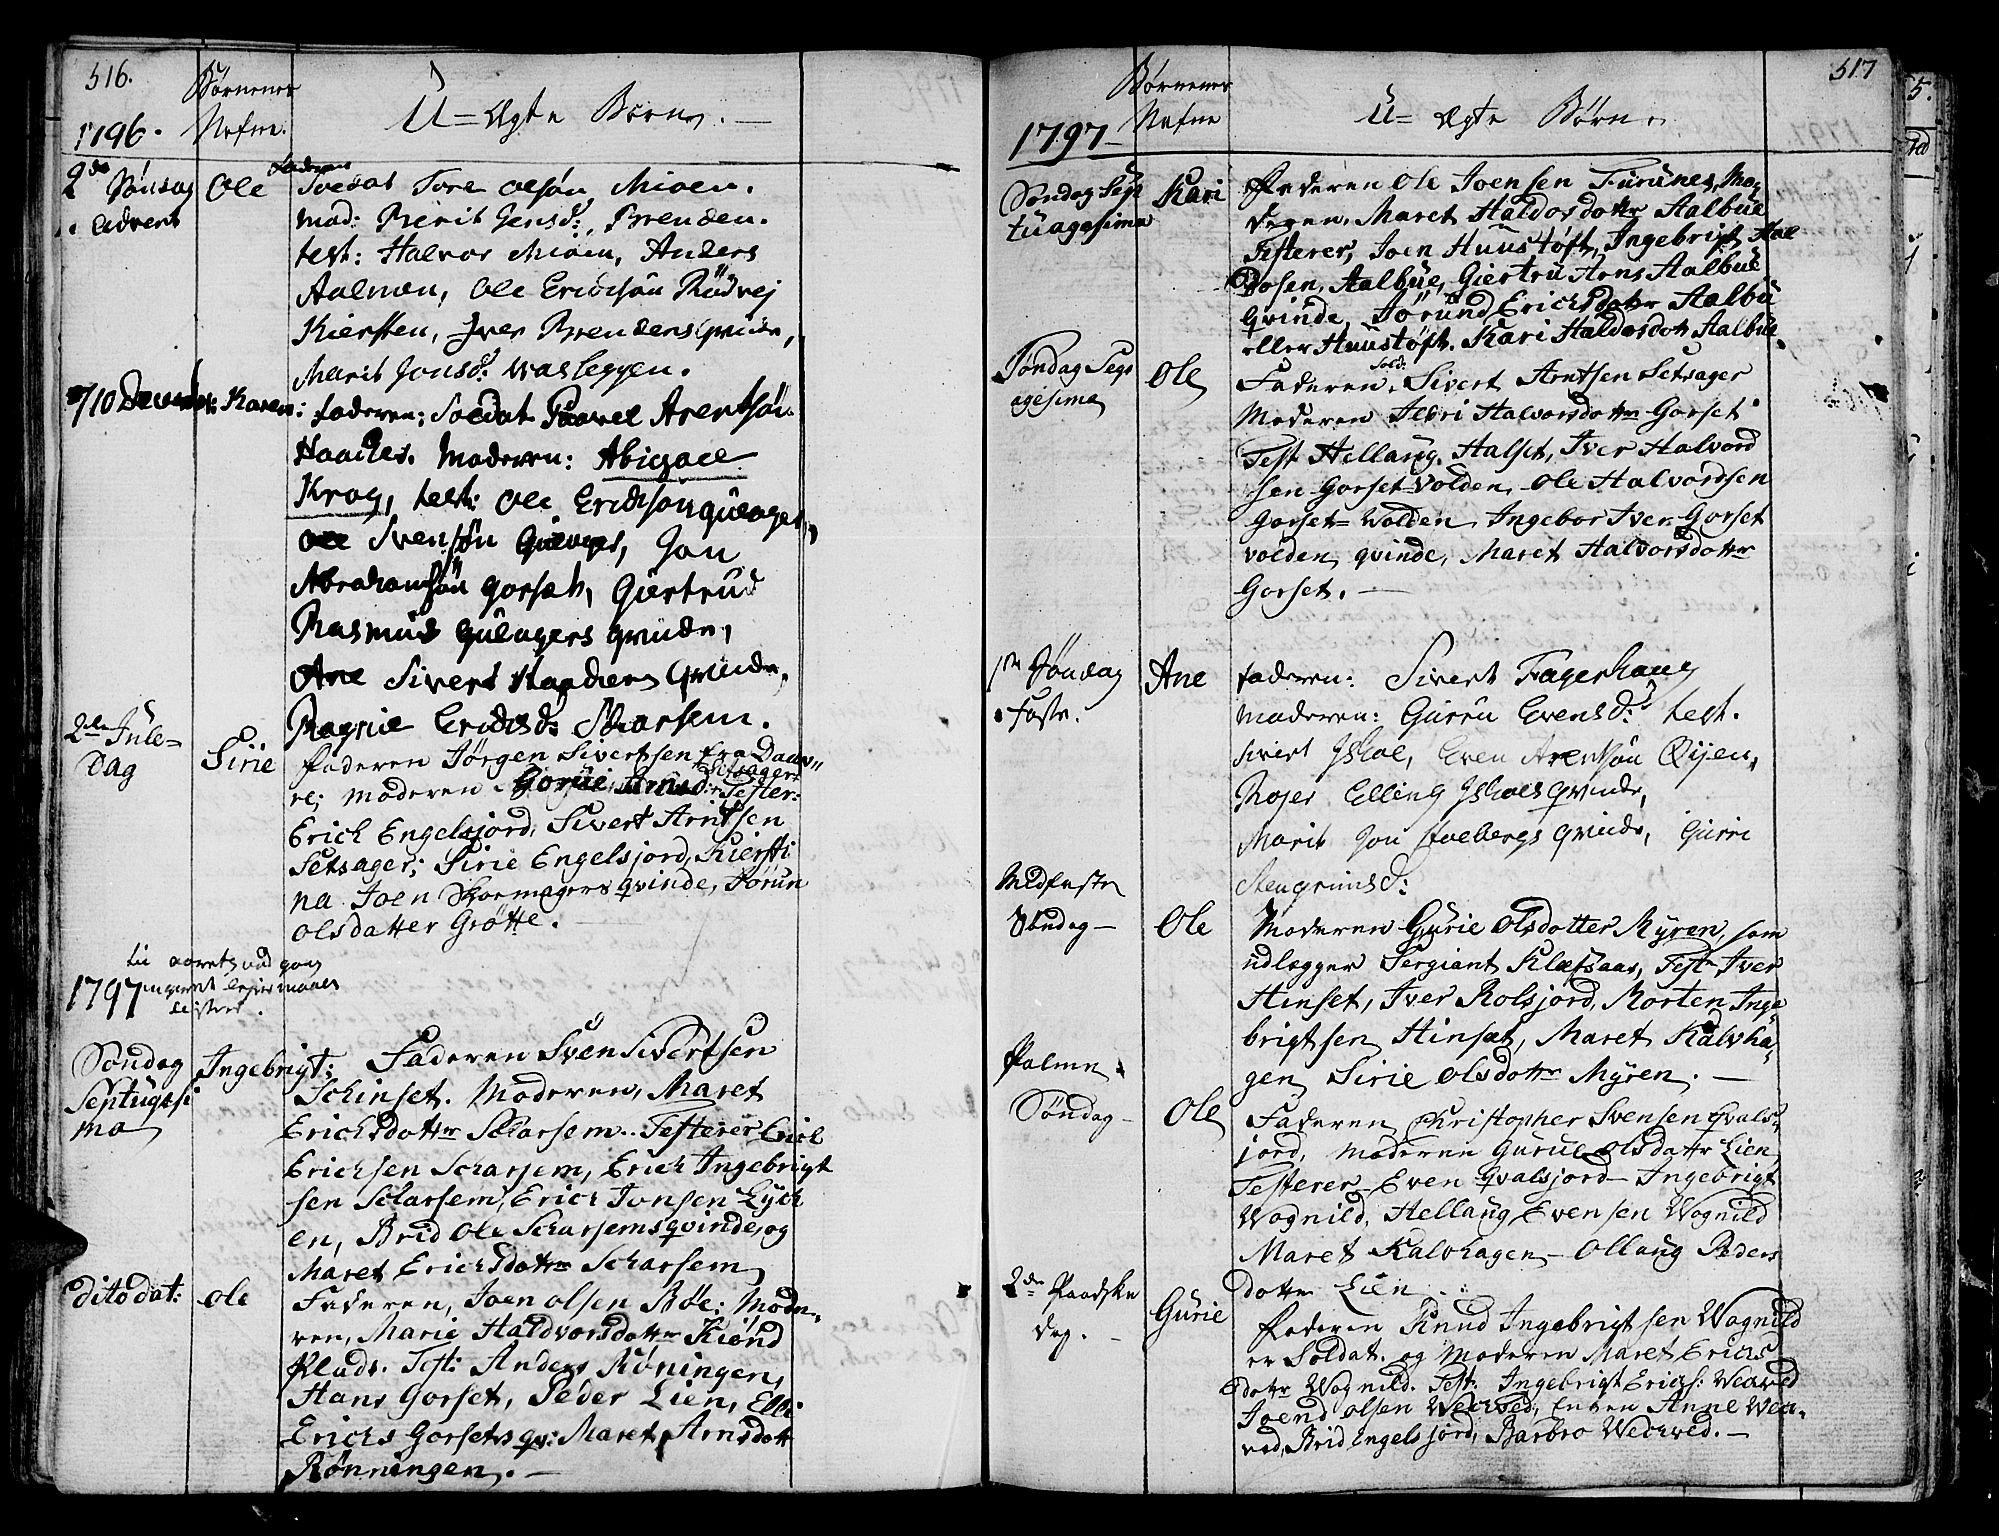 SAT, Ministerialprotokoller, klokkerbøker og fødselsregistre - Sør-Trøndelag, 678/L0893: Ministerialbok nr. 678A03, 1792-1805, s. 516-517